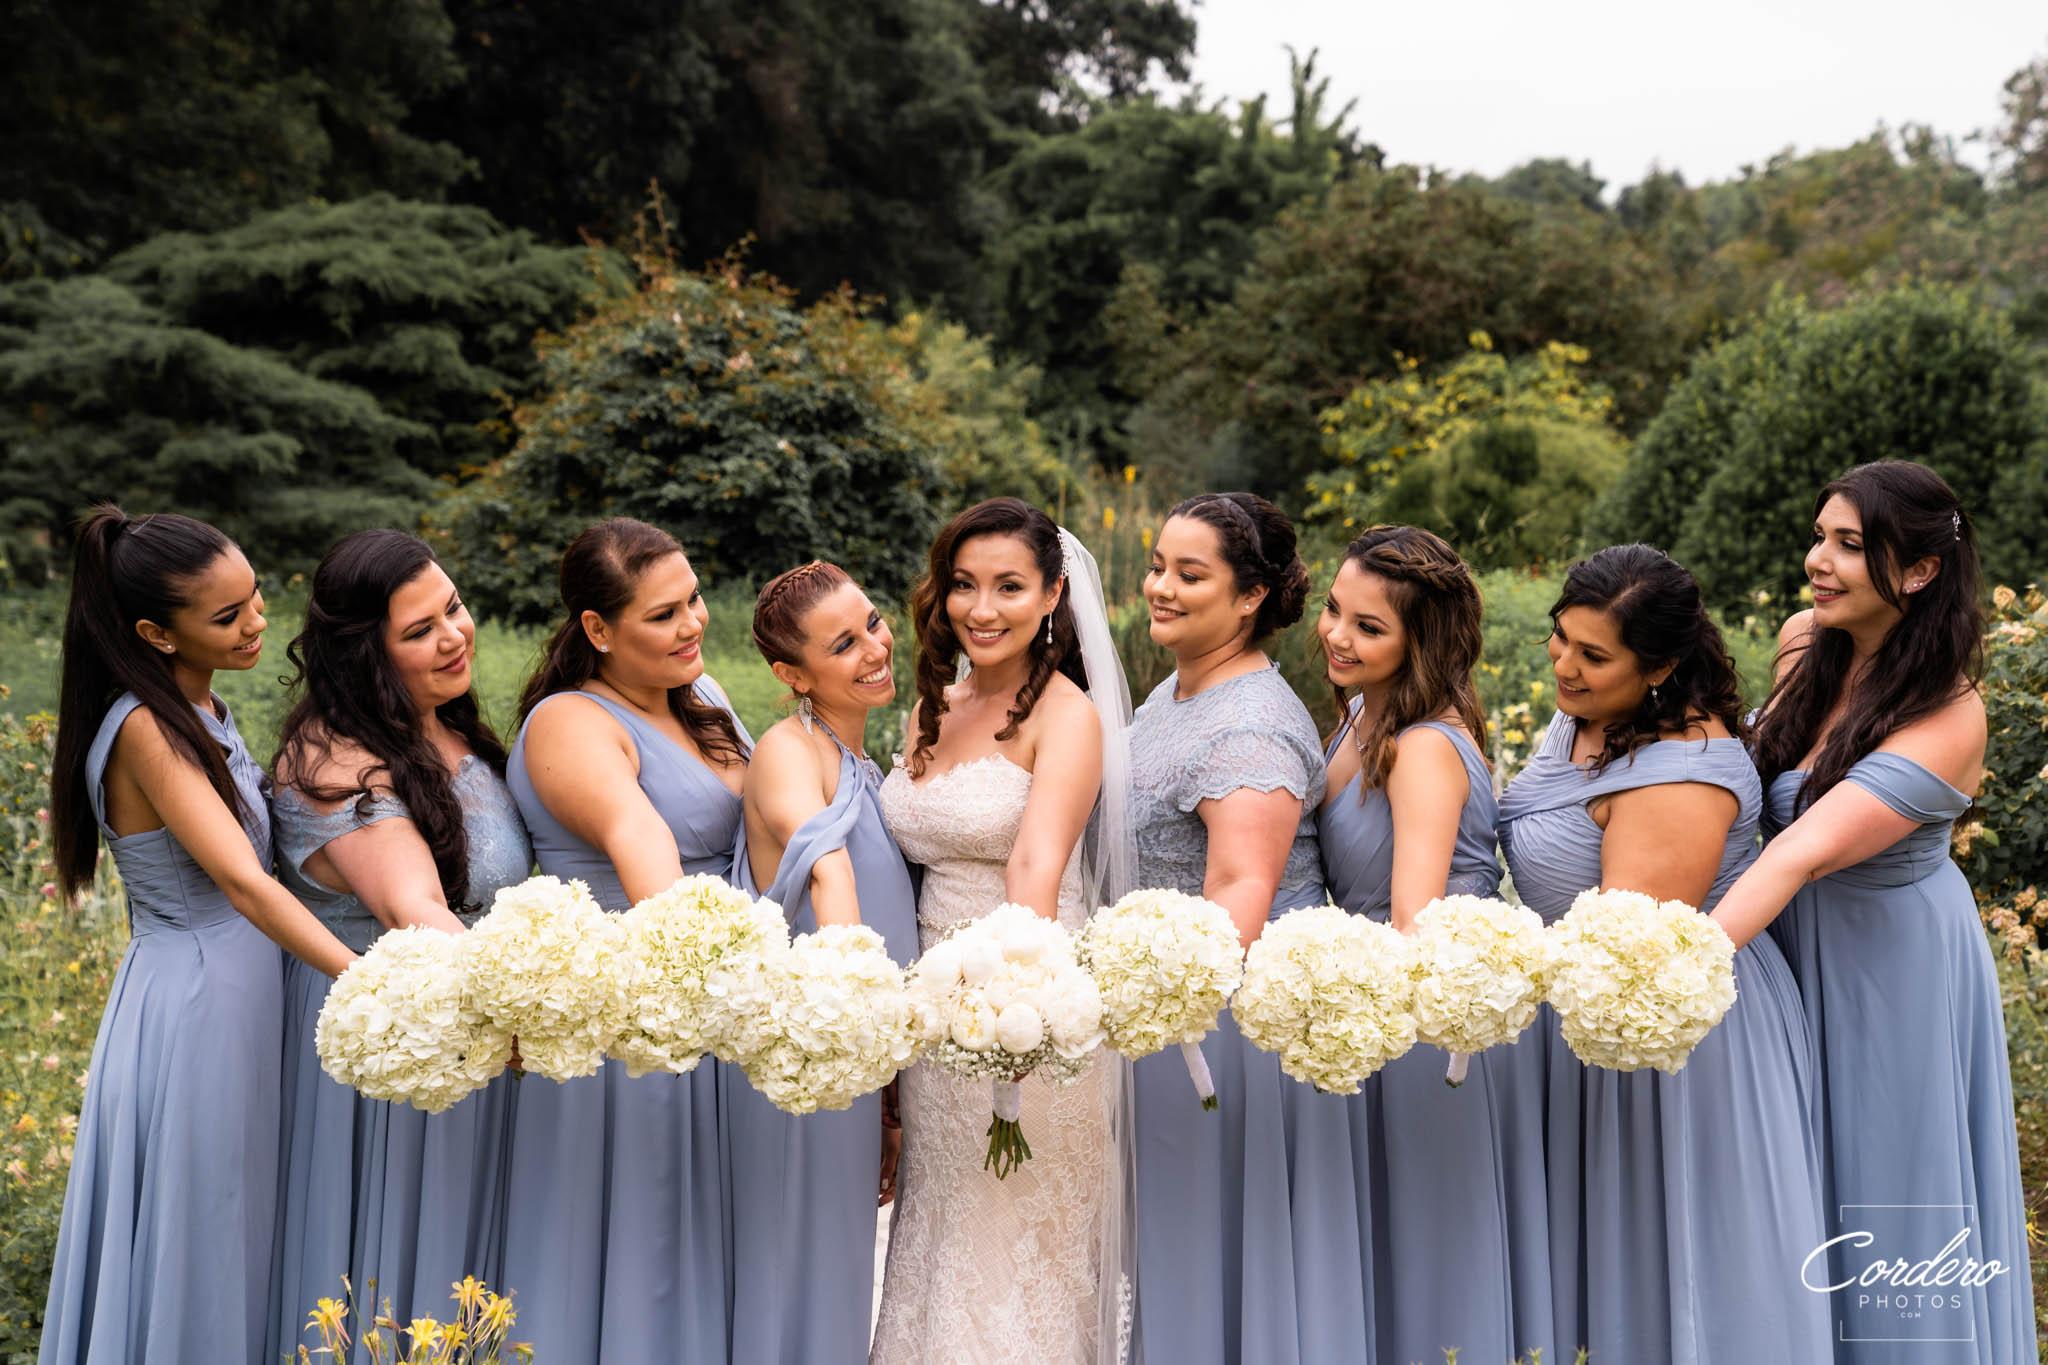 Lesley-and-Eric-Wedding-WEB-00301.jpg